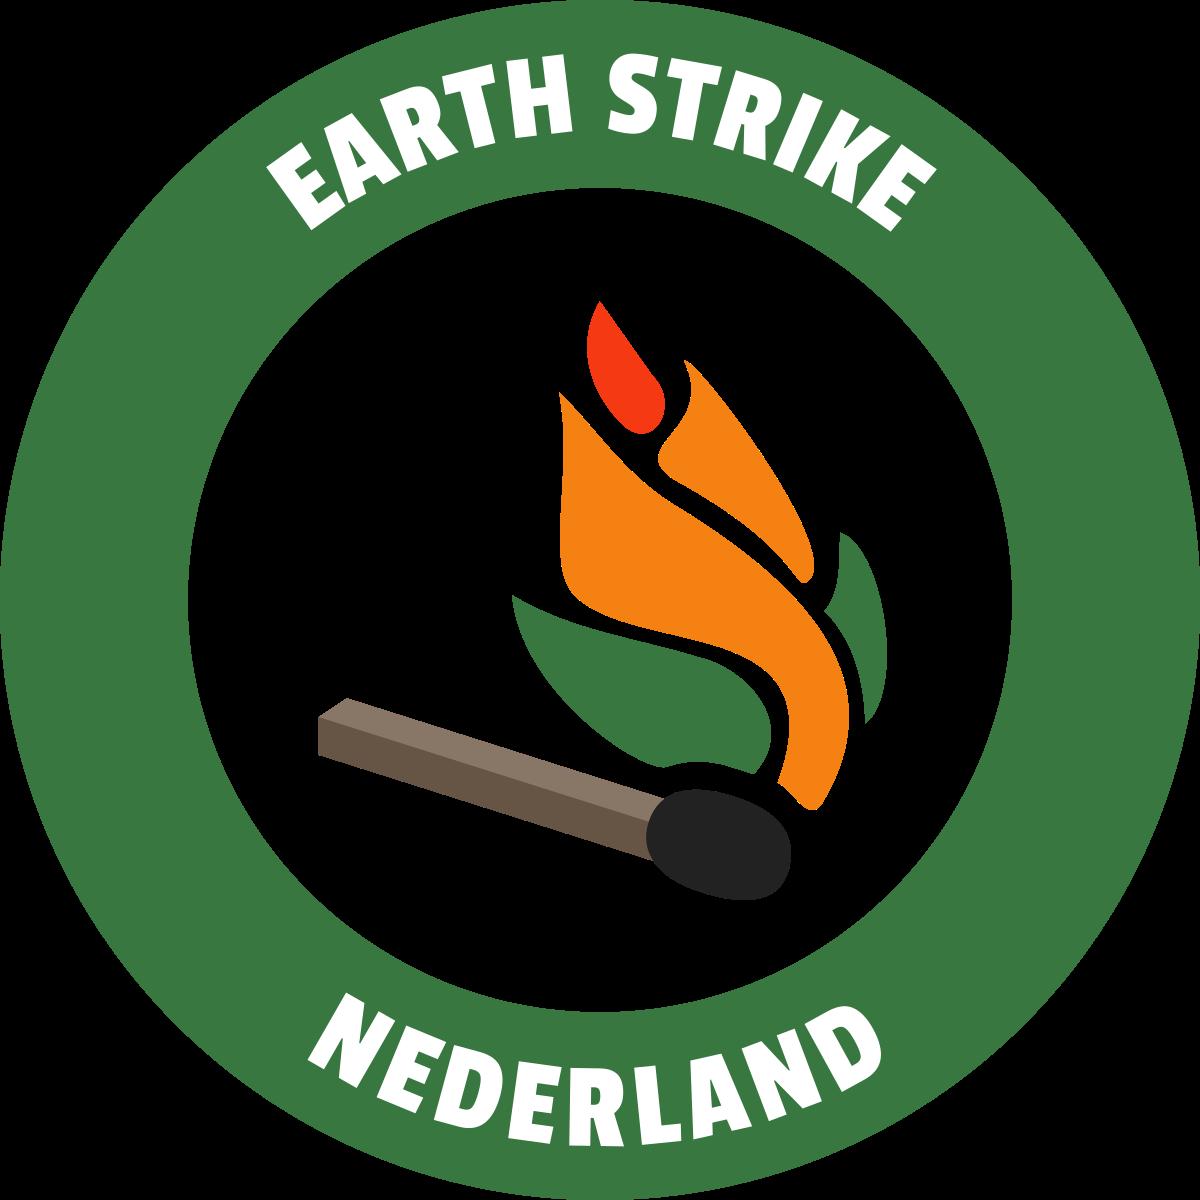 Earth Strike